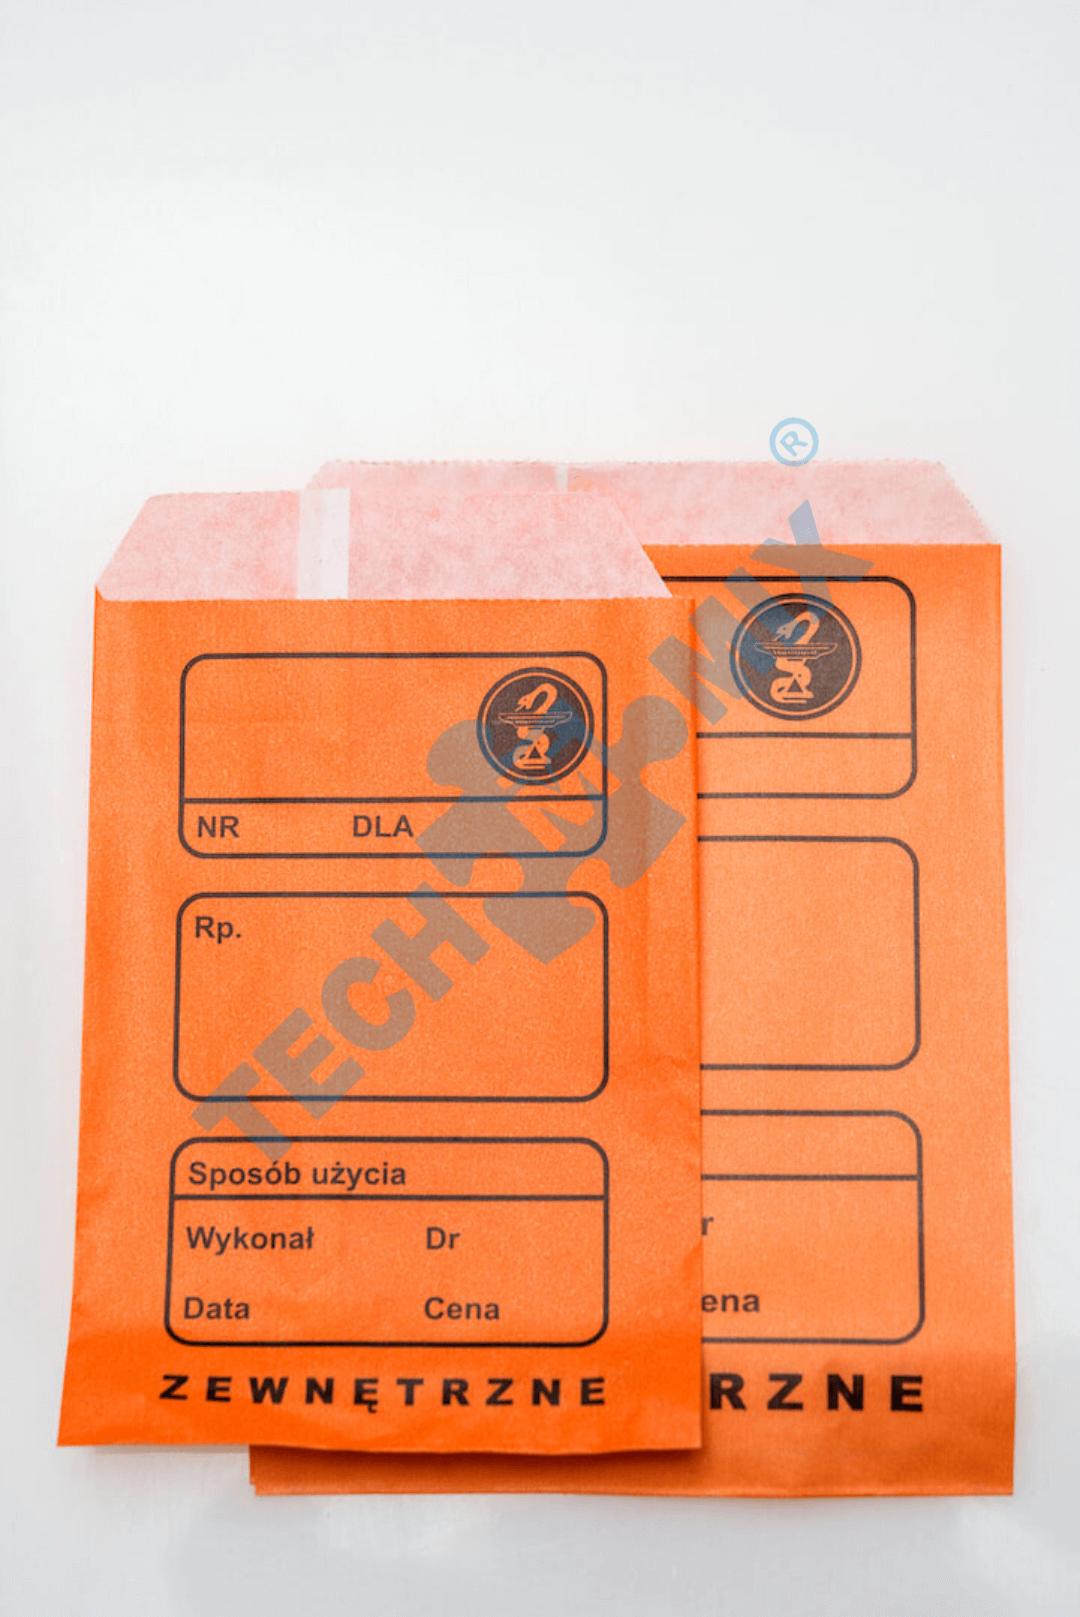 TOREBKI RECEPTUROWE POMARAŃCZOWE MAŁE (10X15) X 100SZT.